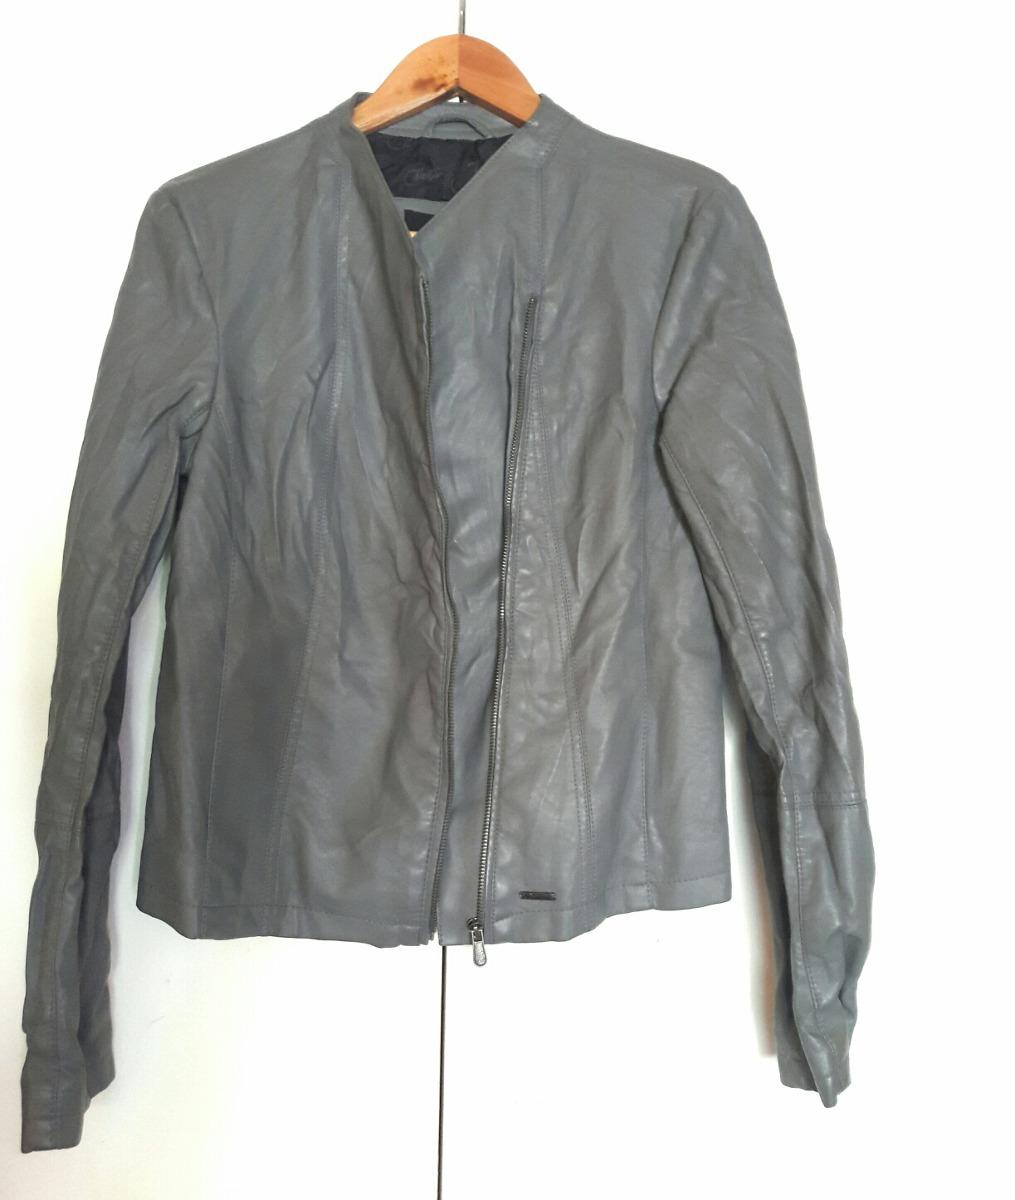 48f6e77150184 Chaqueta Biker Mujer Jjo Collection T m Simil Cuero Gris -   13.500 ...